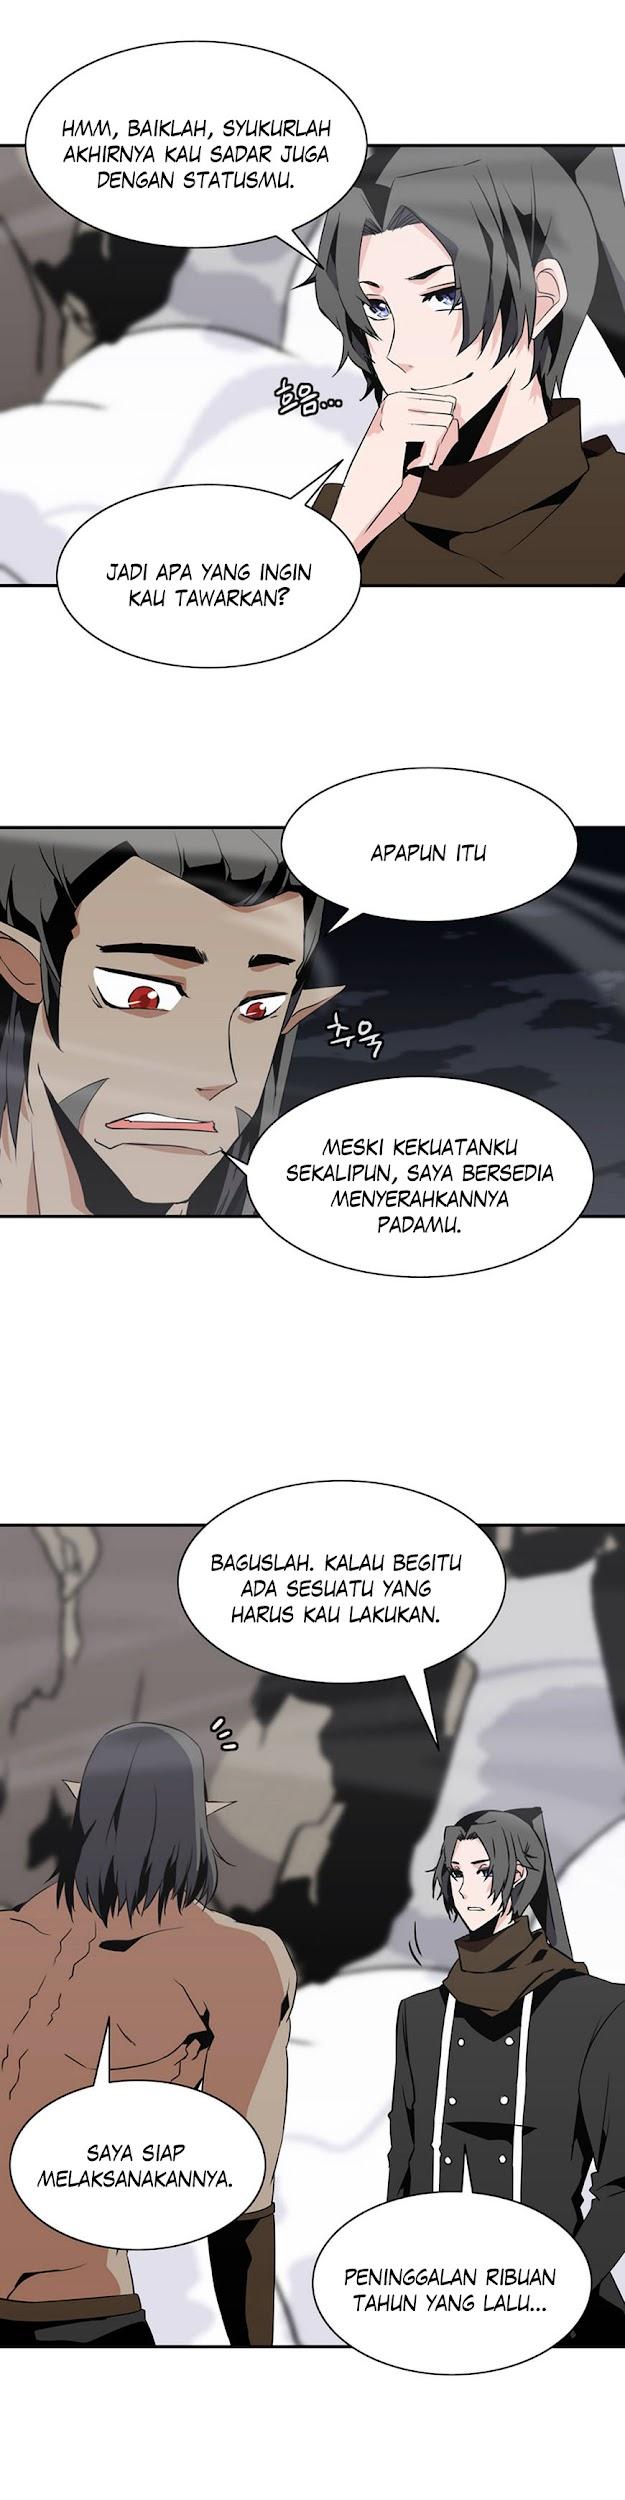 Dilarang COPAS - situs resmi www.mangacanblog.com - Komik wizardly tower 037 - chapter 037 38 Indonesia wizardly tower 037 - chapter 037 Terbaru 6 Baca Manga Komik Indonesia Mangacan